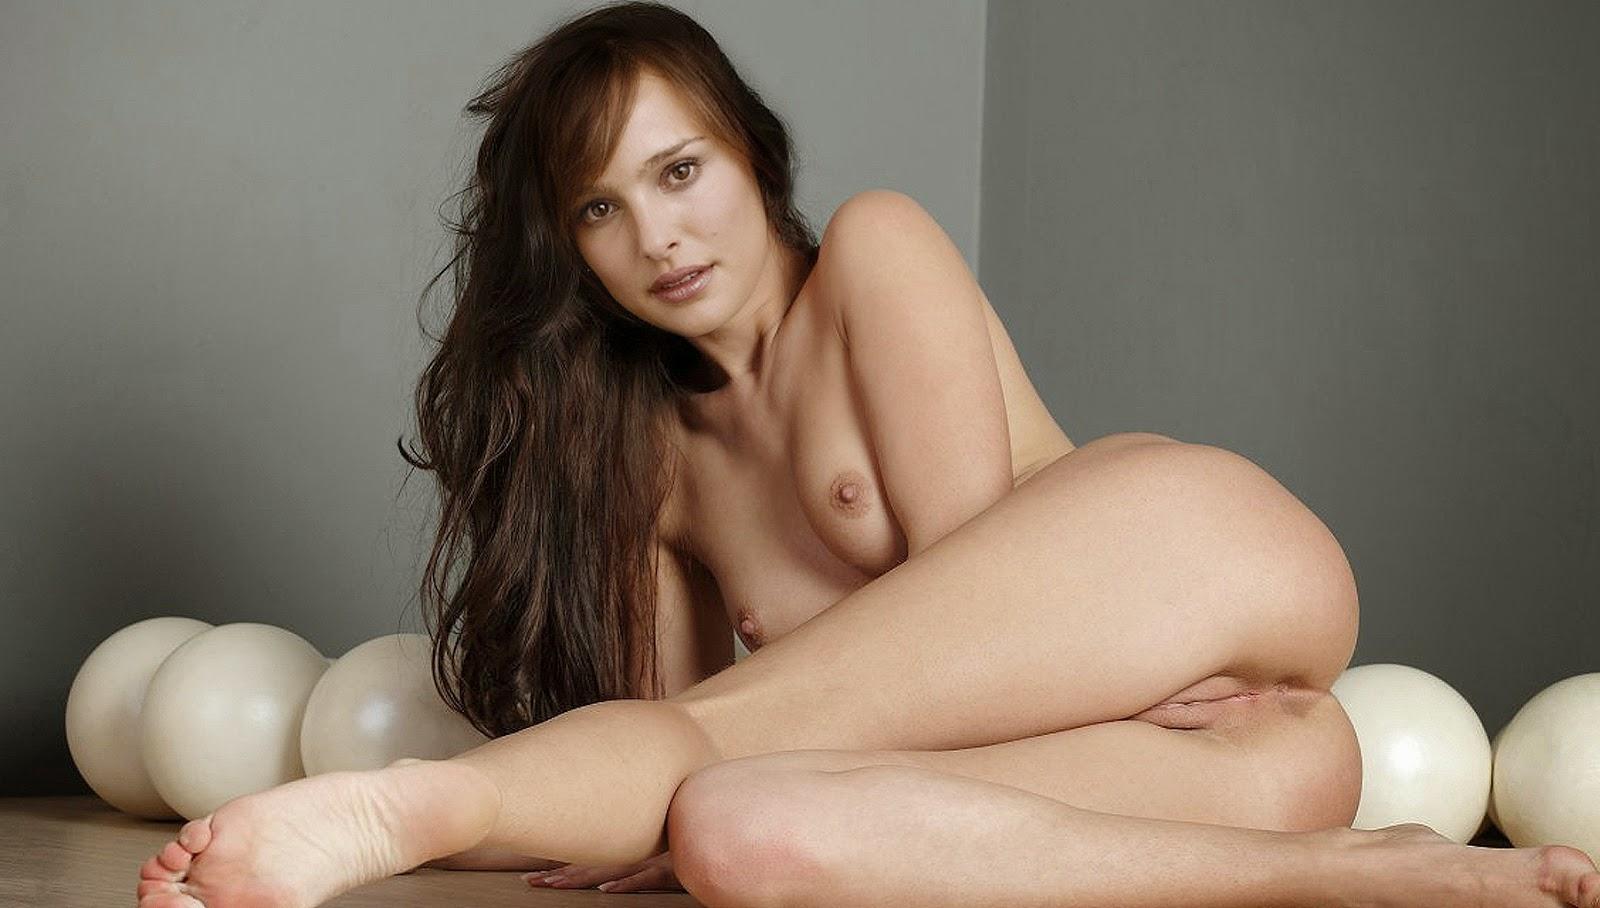 Hollywood actress sex